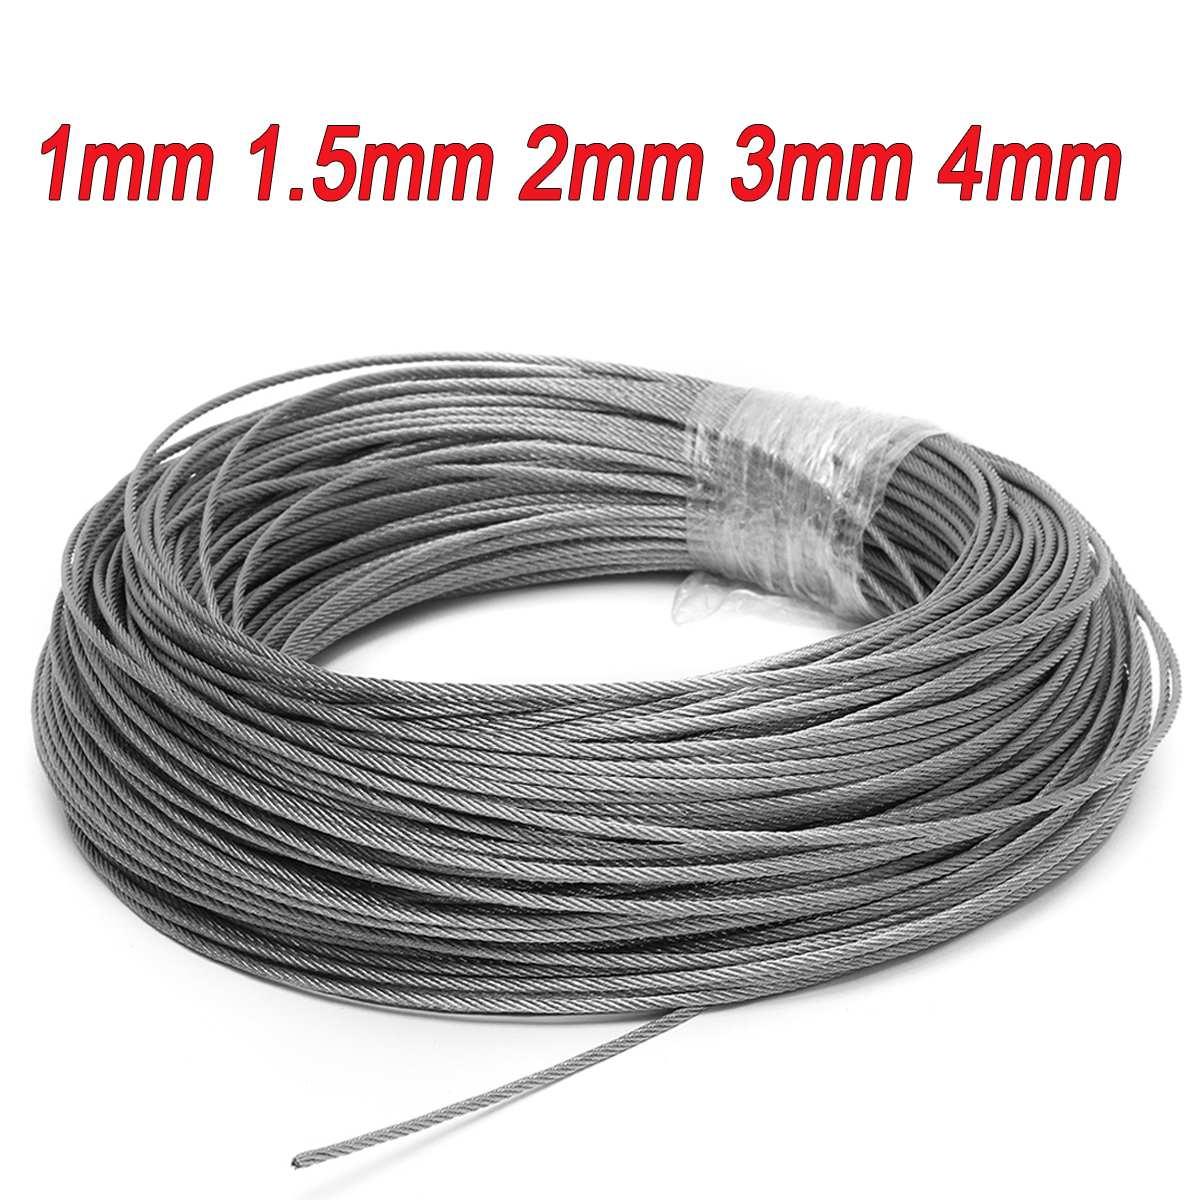 50 M/100 M 1 مللي متر 1.5 مللي متر 2 مللي متر قطرها 304 حبل سلك فولاذي مقاوم للصدأ الصيد رفع كابل خط حبل الغسيل 7X7 الهيكل 1/1. 5/2 مللي متر